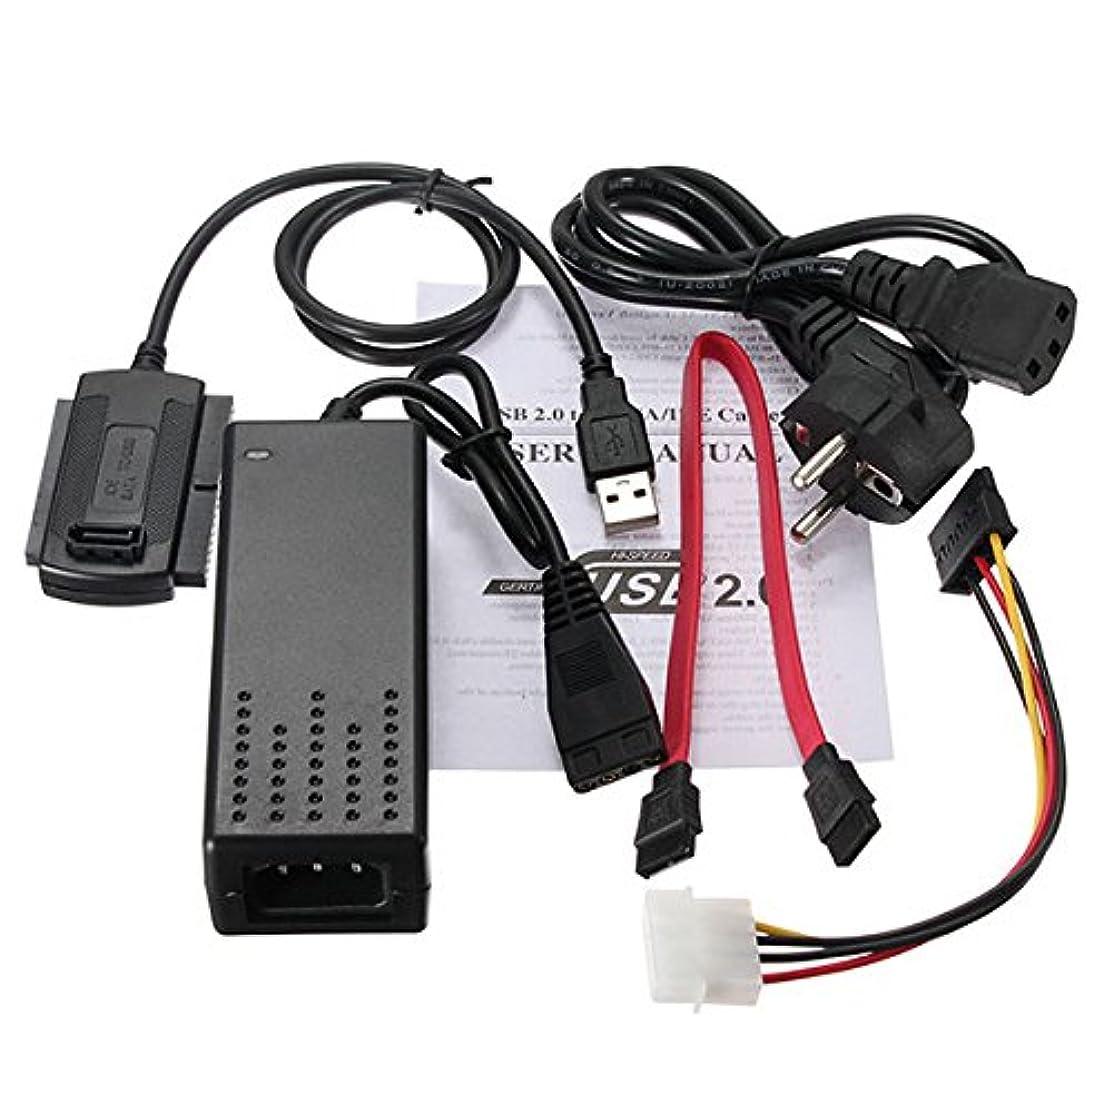 うつ熱心なバンドUSB 2.0 to SATA IDEハードドライブケーブルfor HD HDDアダプタW電源